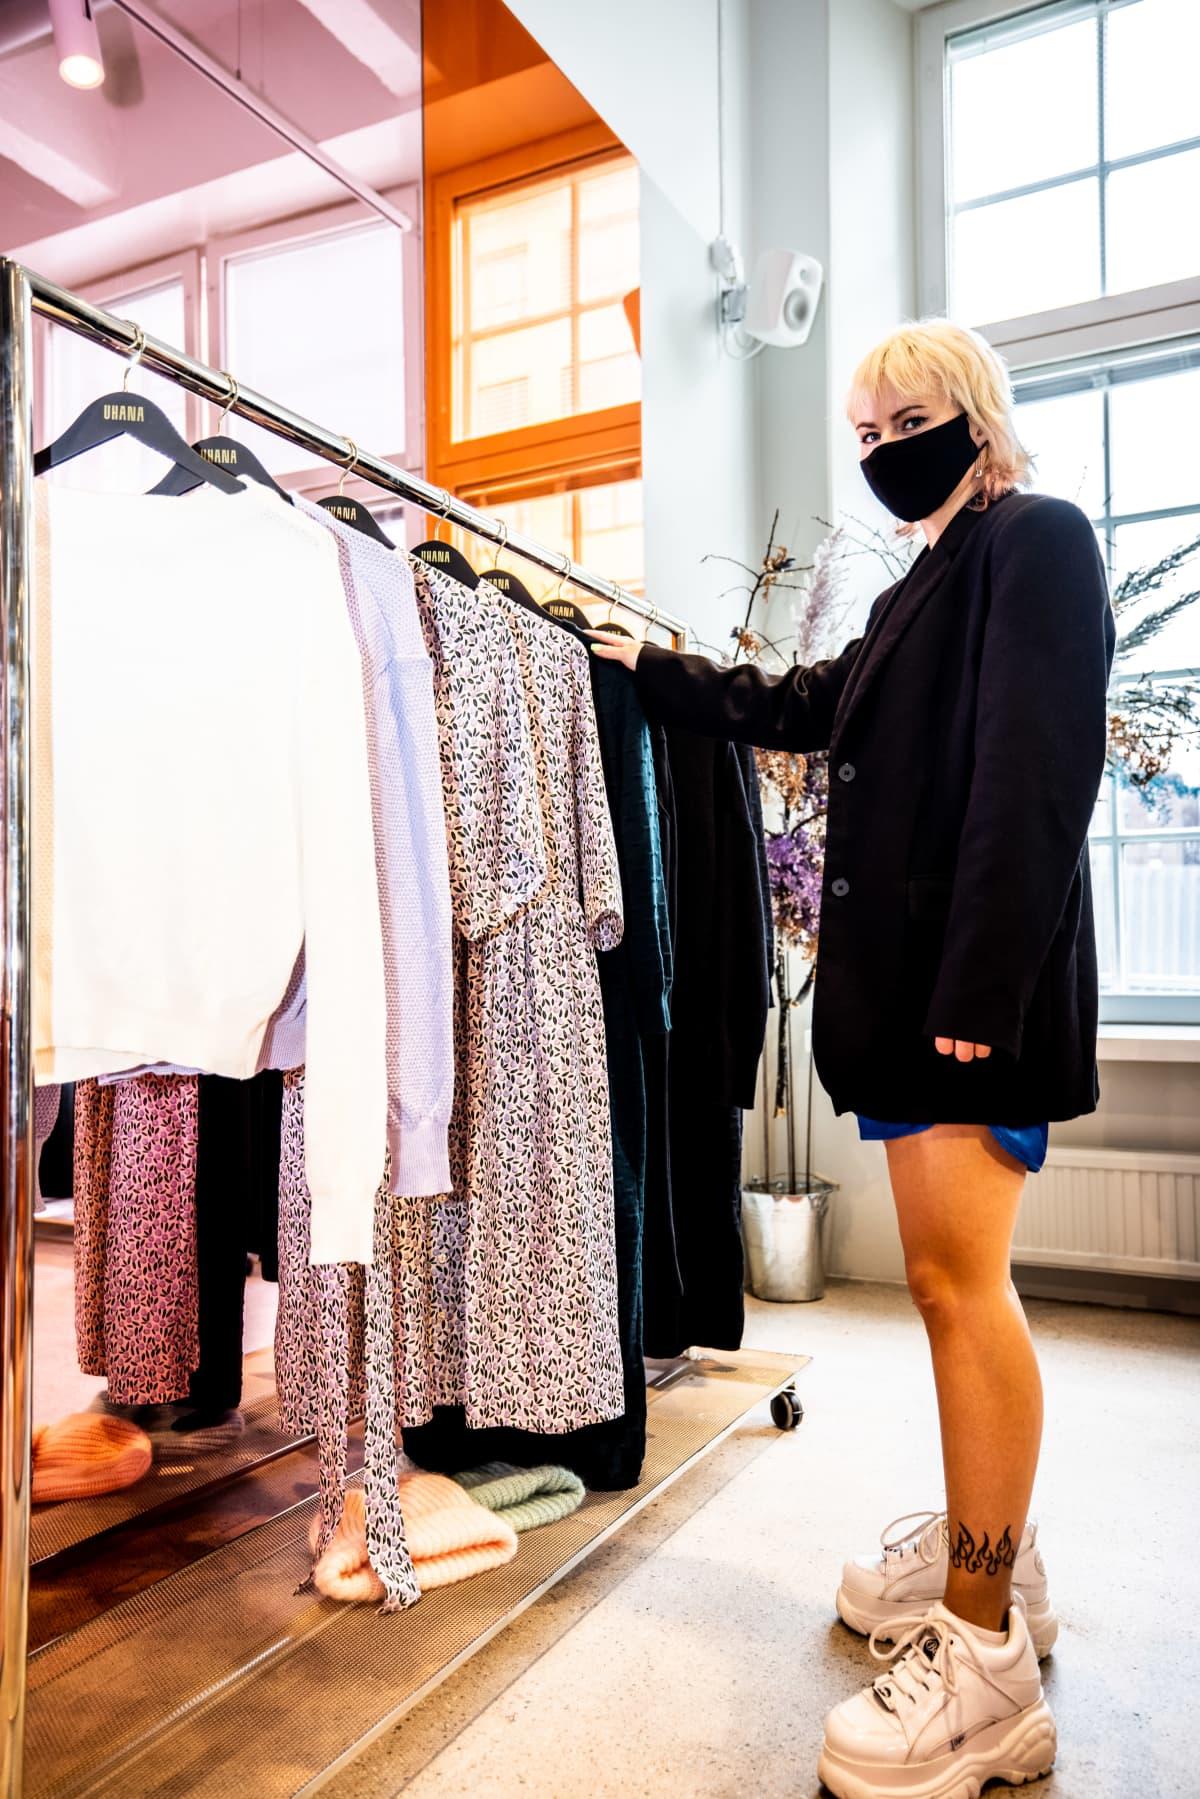 Milttonin showroomissa oli työskentelemässä associate Emma Kanko.